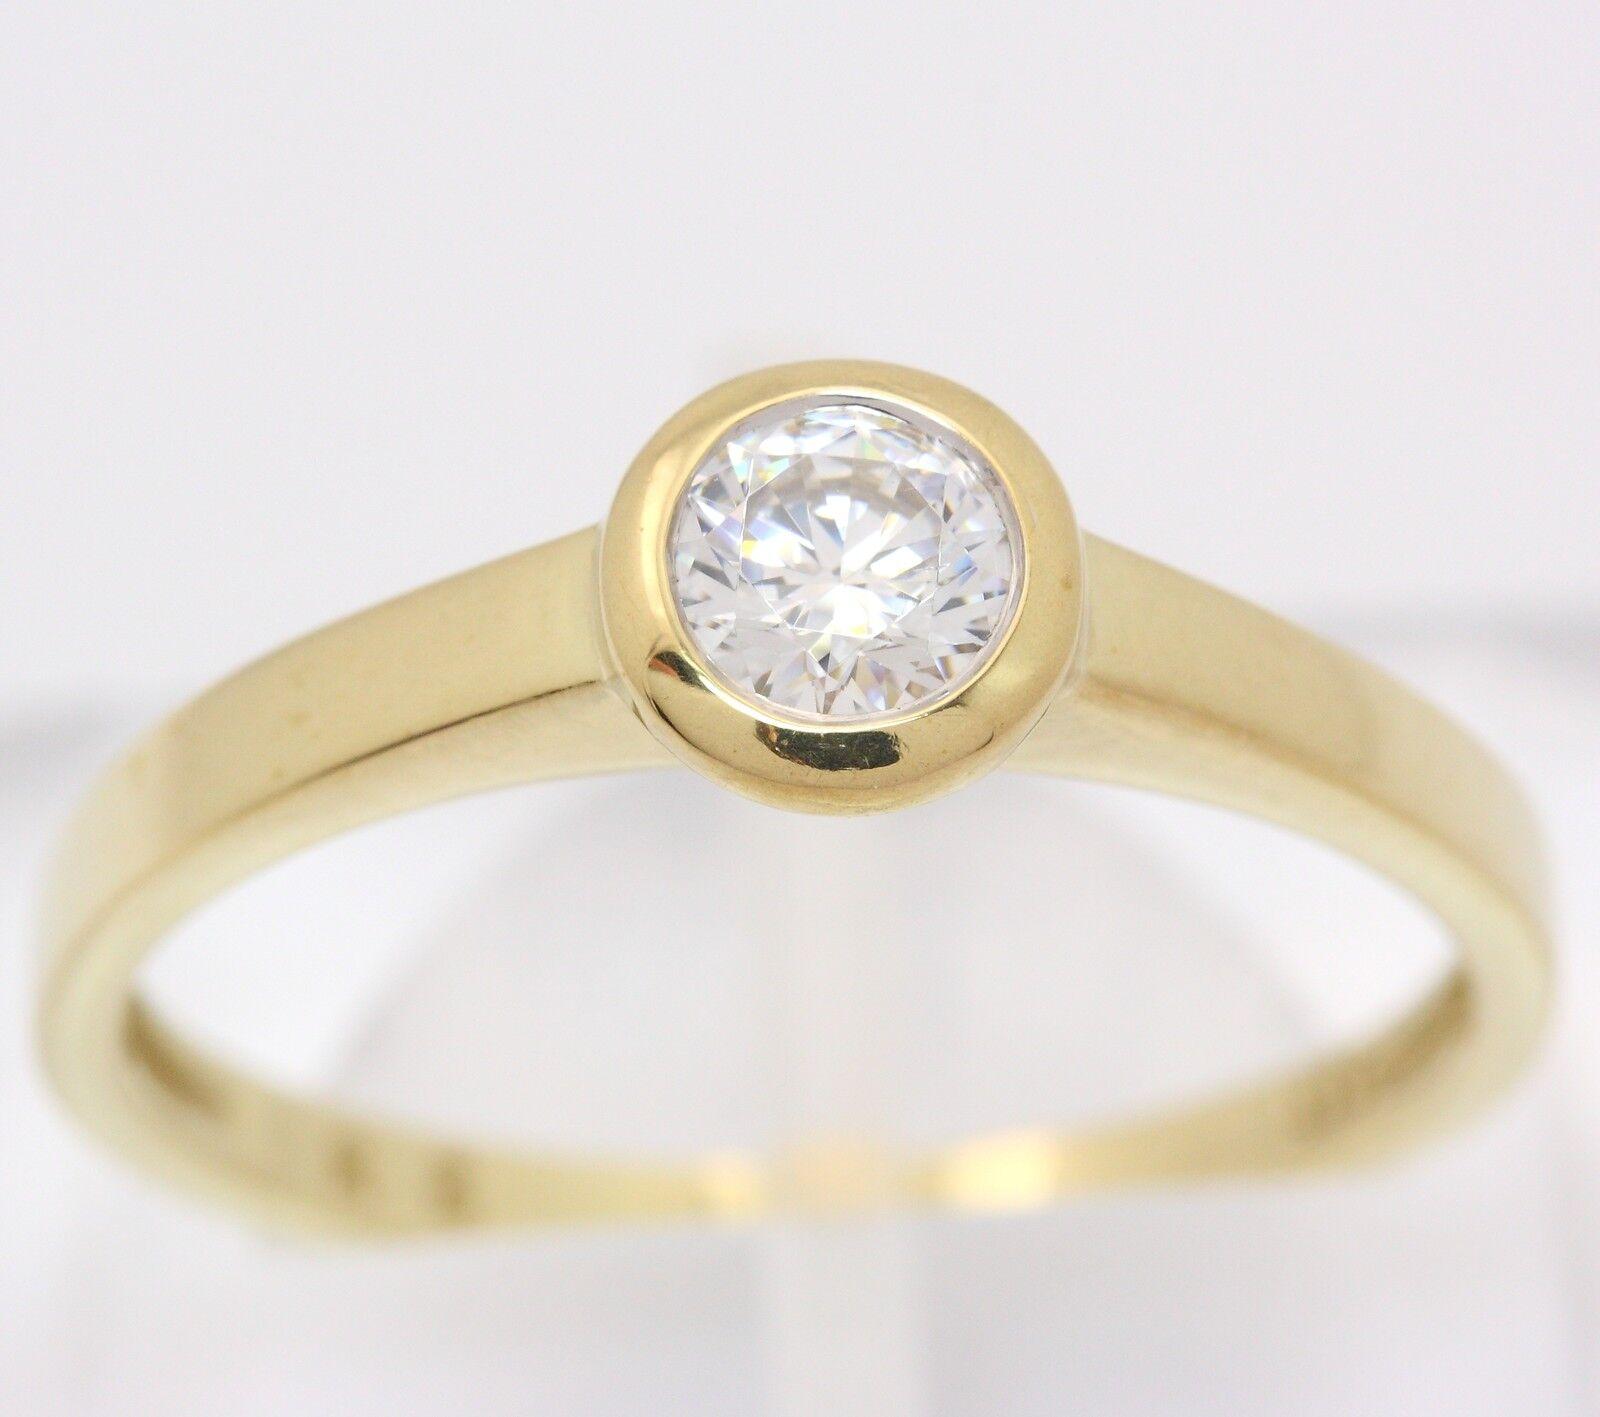 ♦♦ anello in da da da 333 8kt giallo oro con zirconi zirkoniaring ororing solitario Anello ♦♦ 0260cb